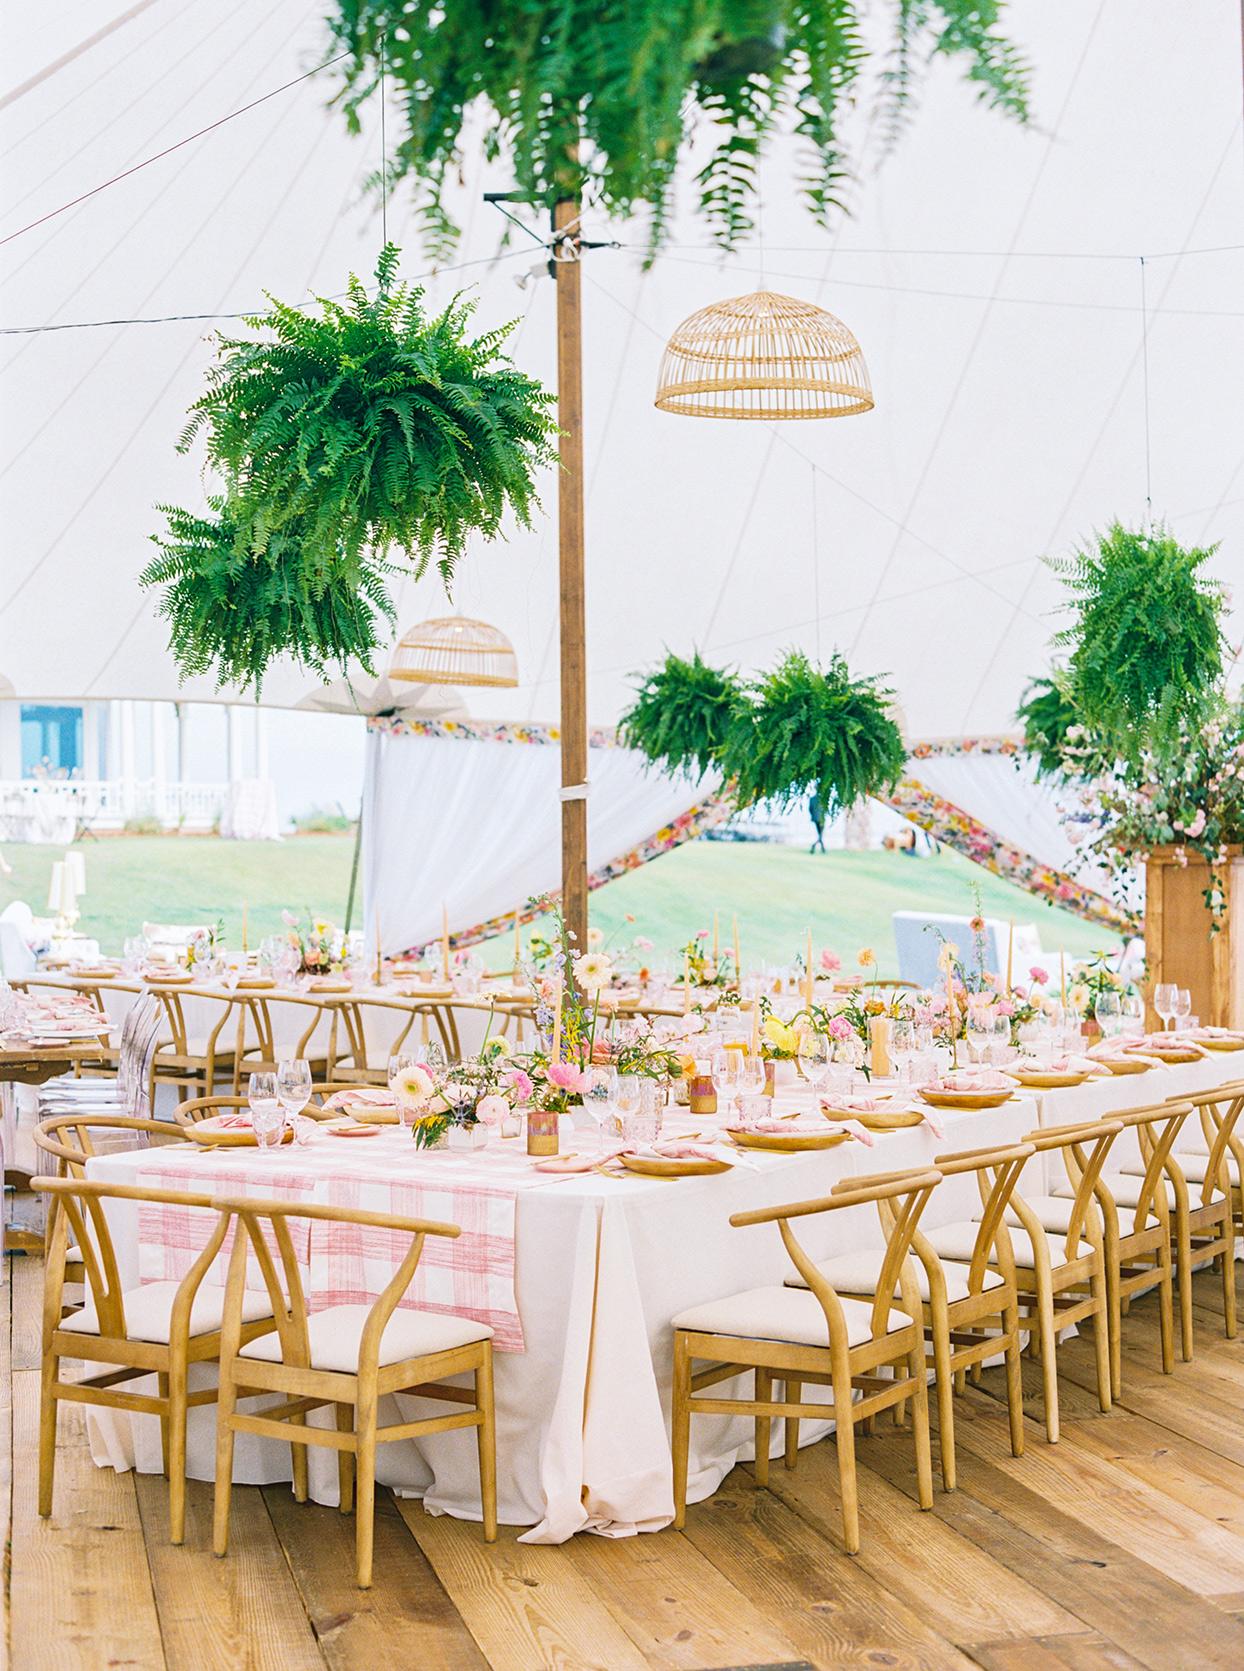 lauren dan wedding reception tables with hanging ferns